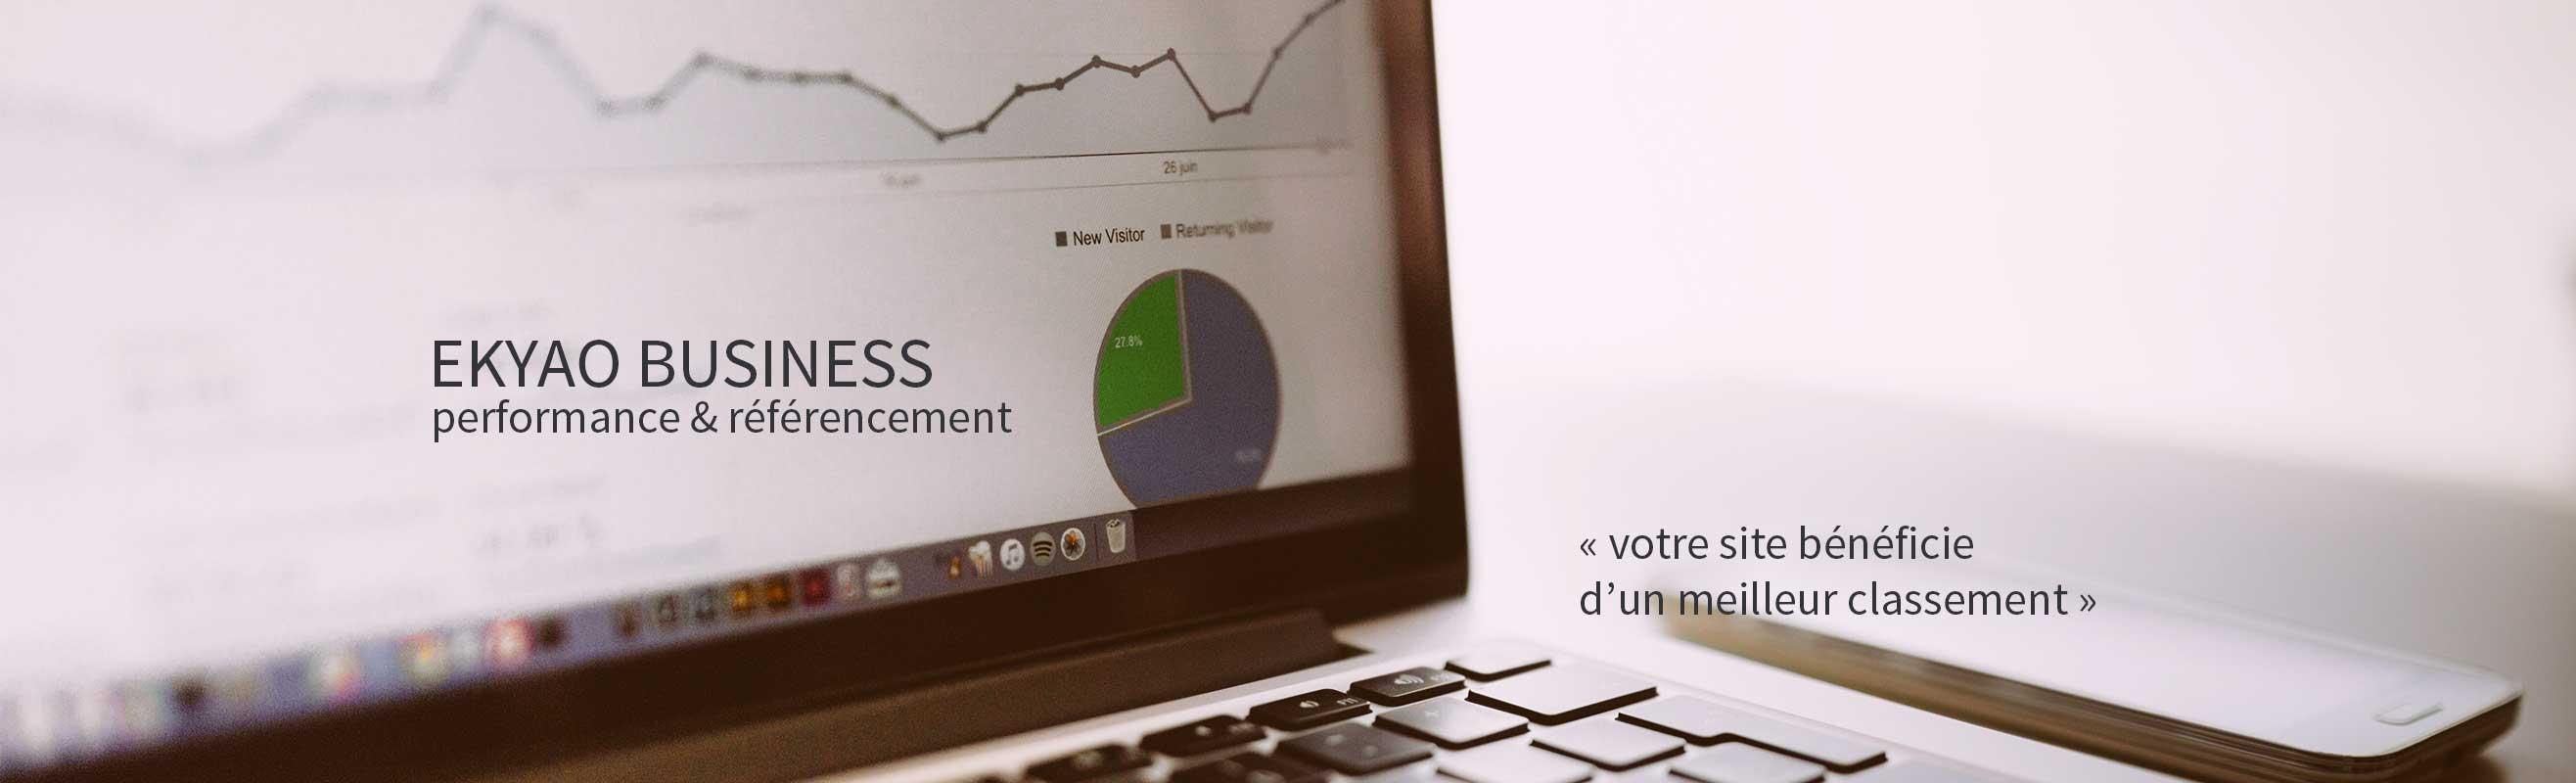 Ekyao Business - Web design. Bénéficier du meilleur classement